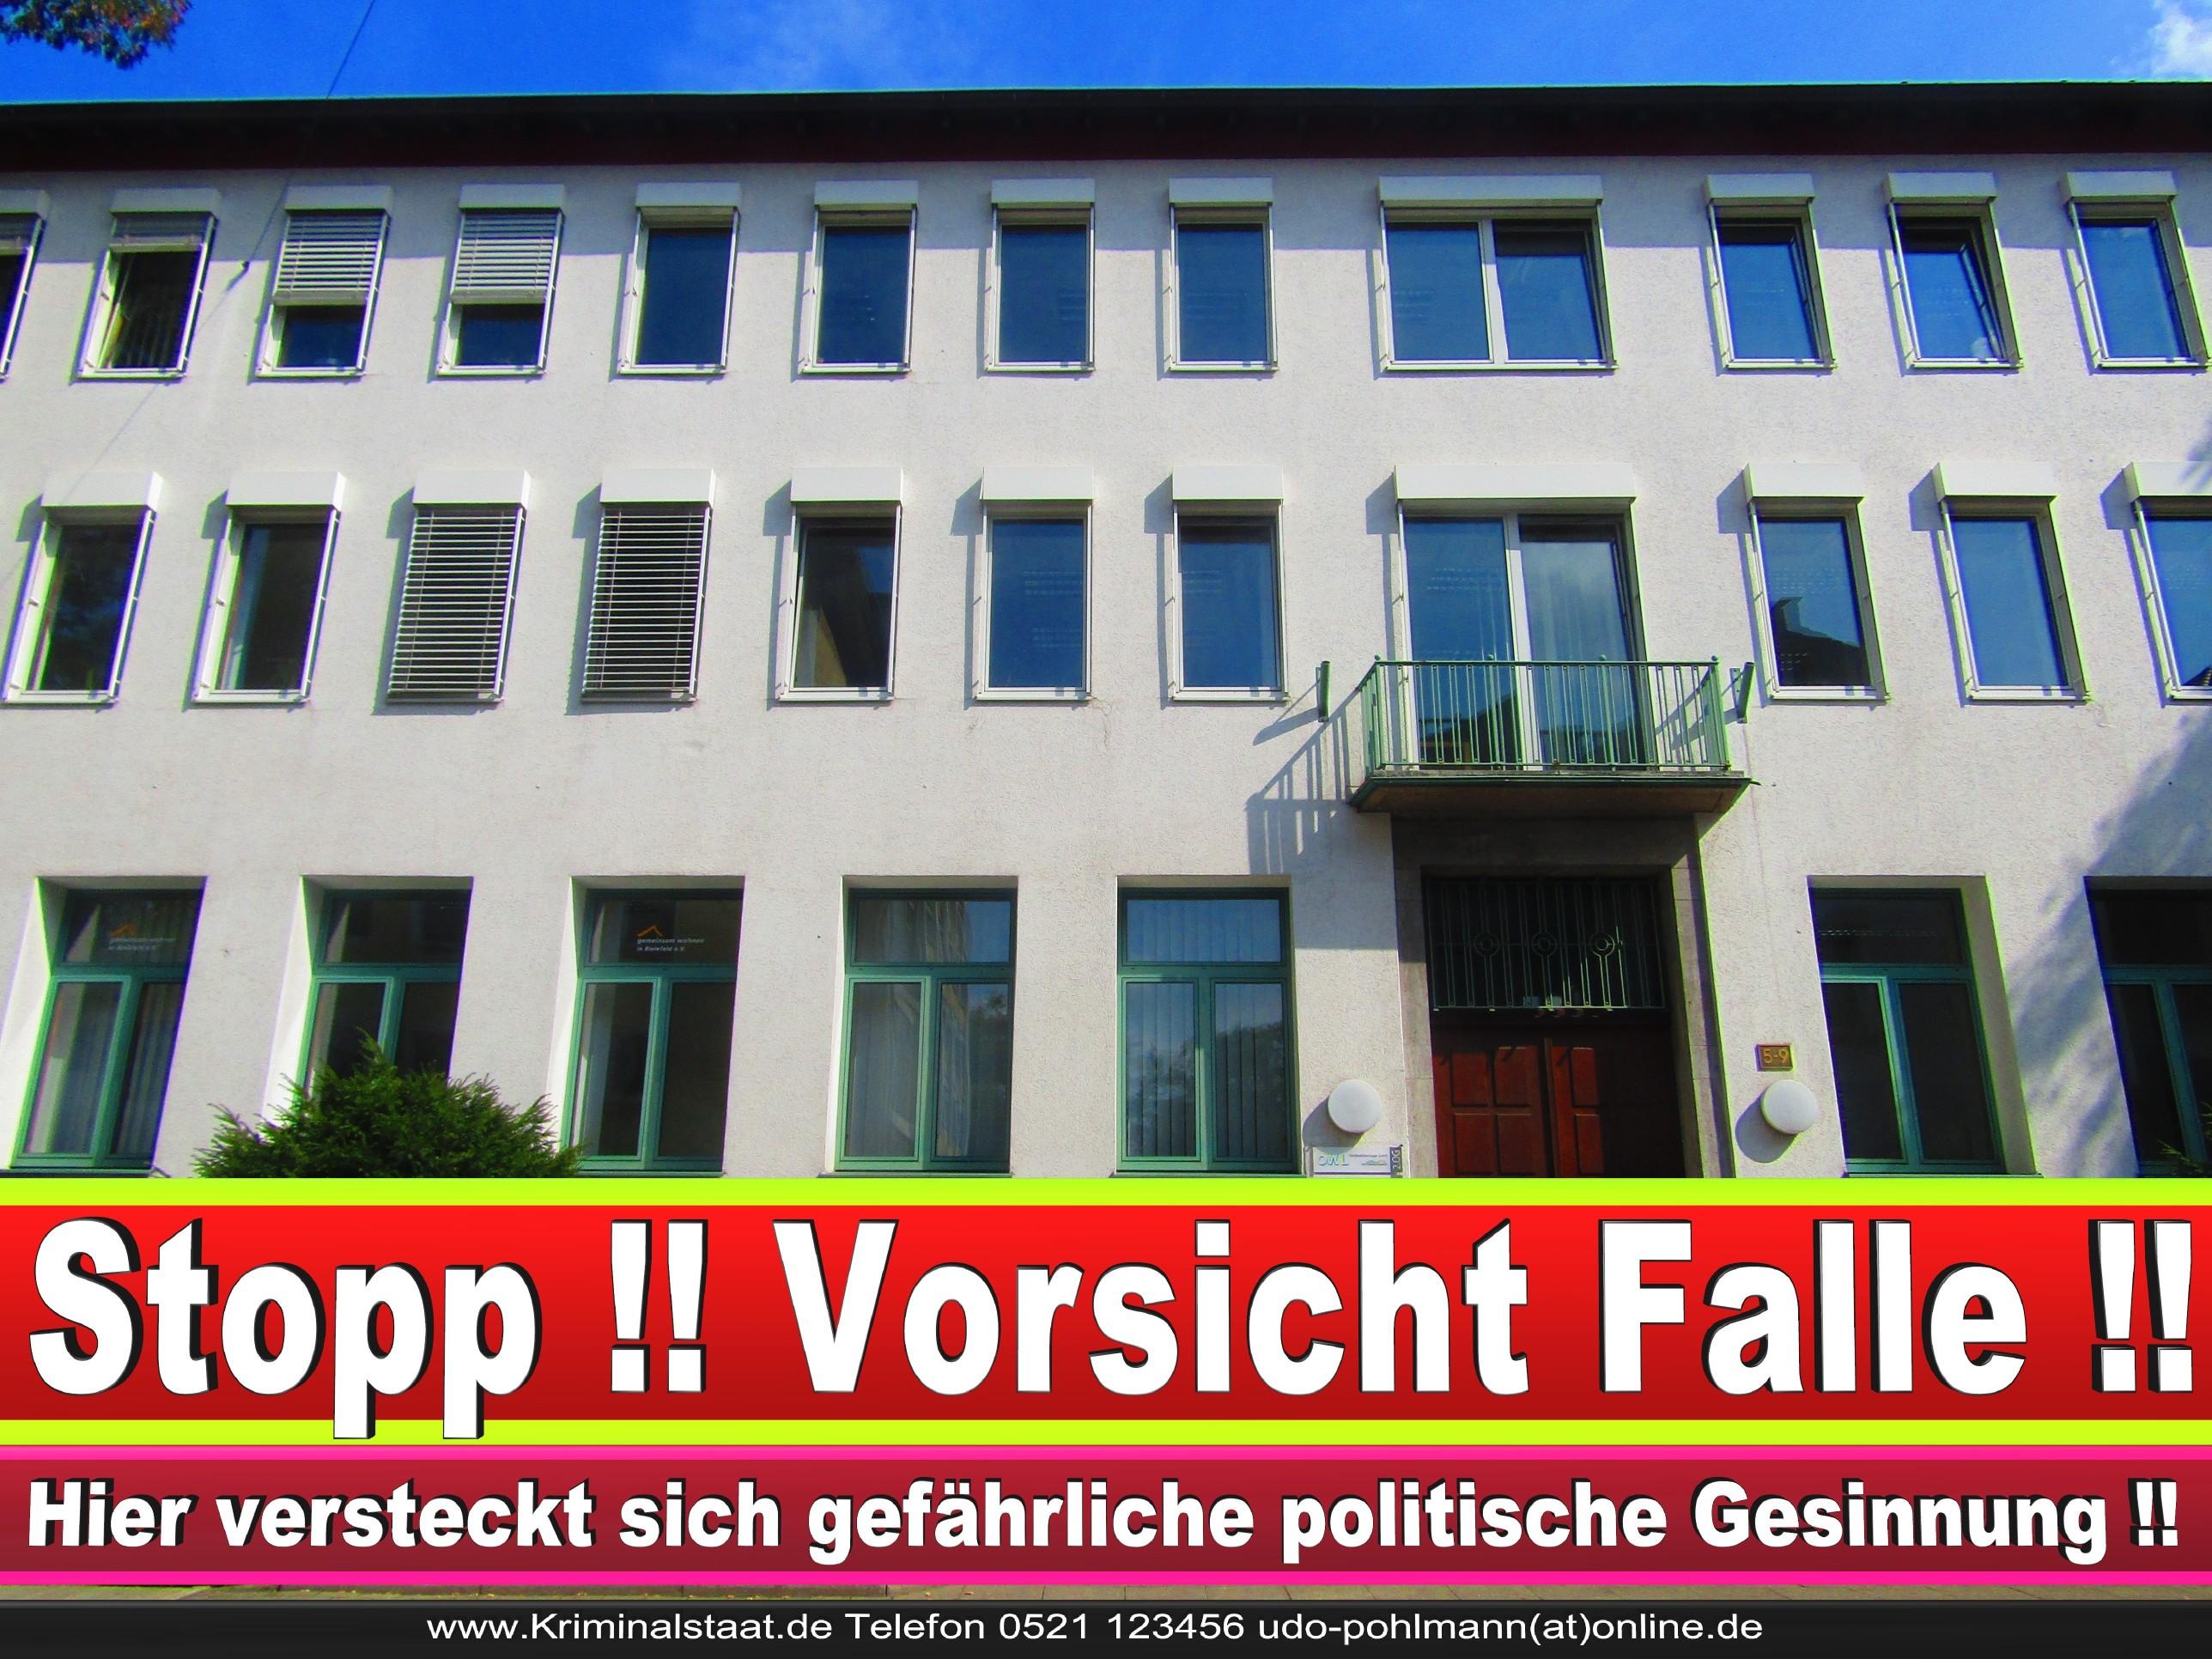 CDU BIELEFELD GESCHÄFTSSTELLE TURNERSTRAßE 5 5 LANDTAGSWAHL BUNDESTAGSWAHL BÜRGERMEISTERWAHL